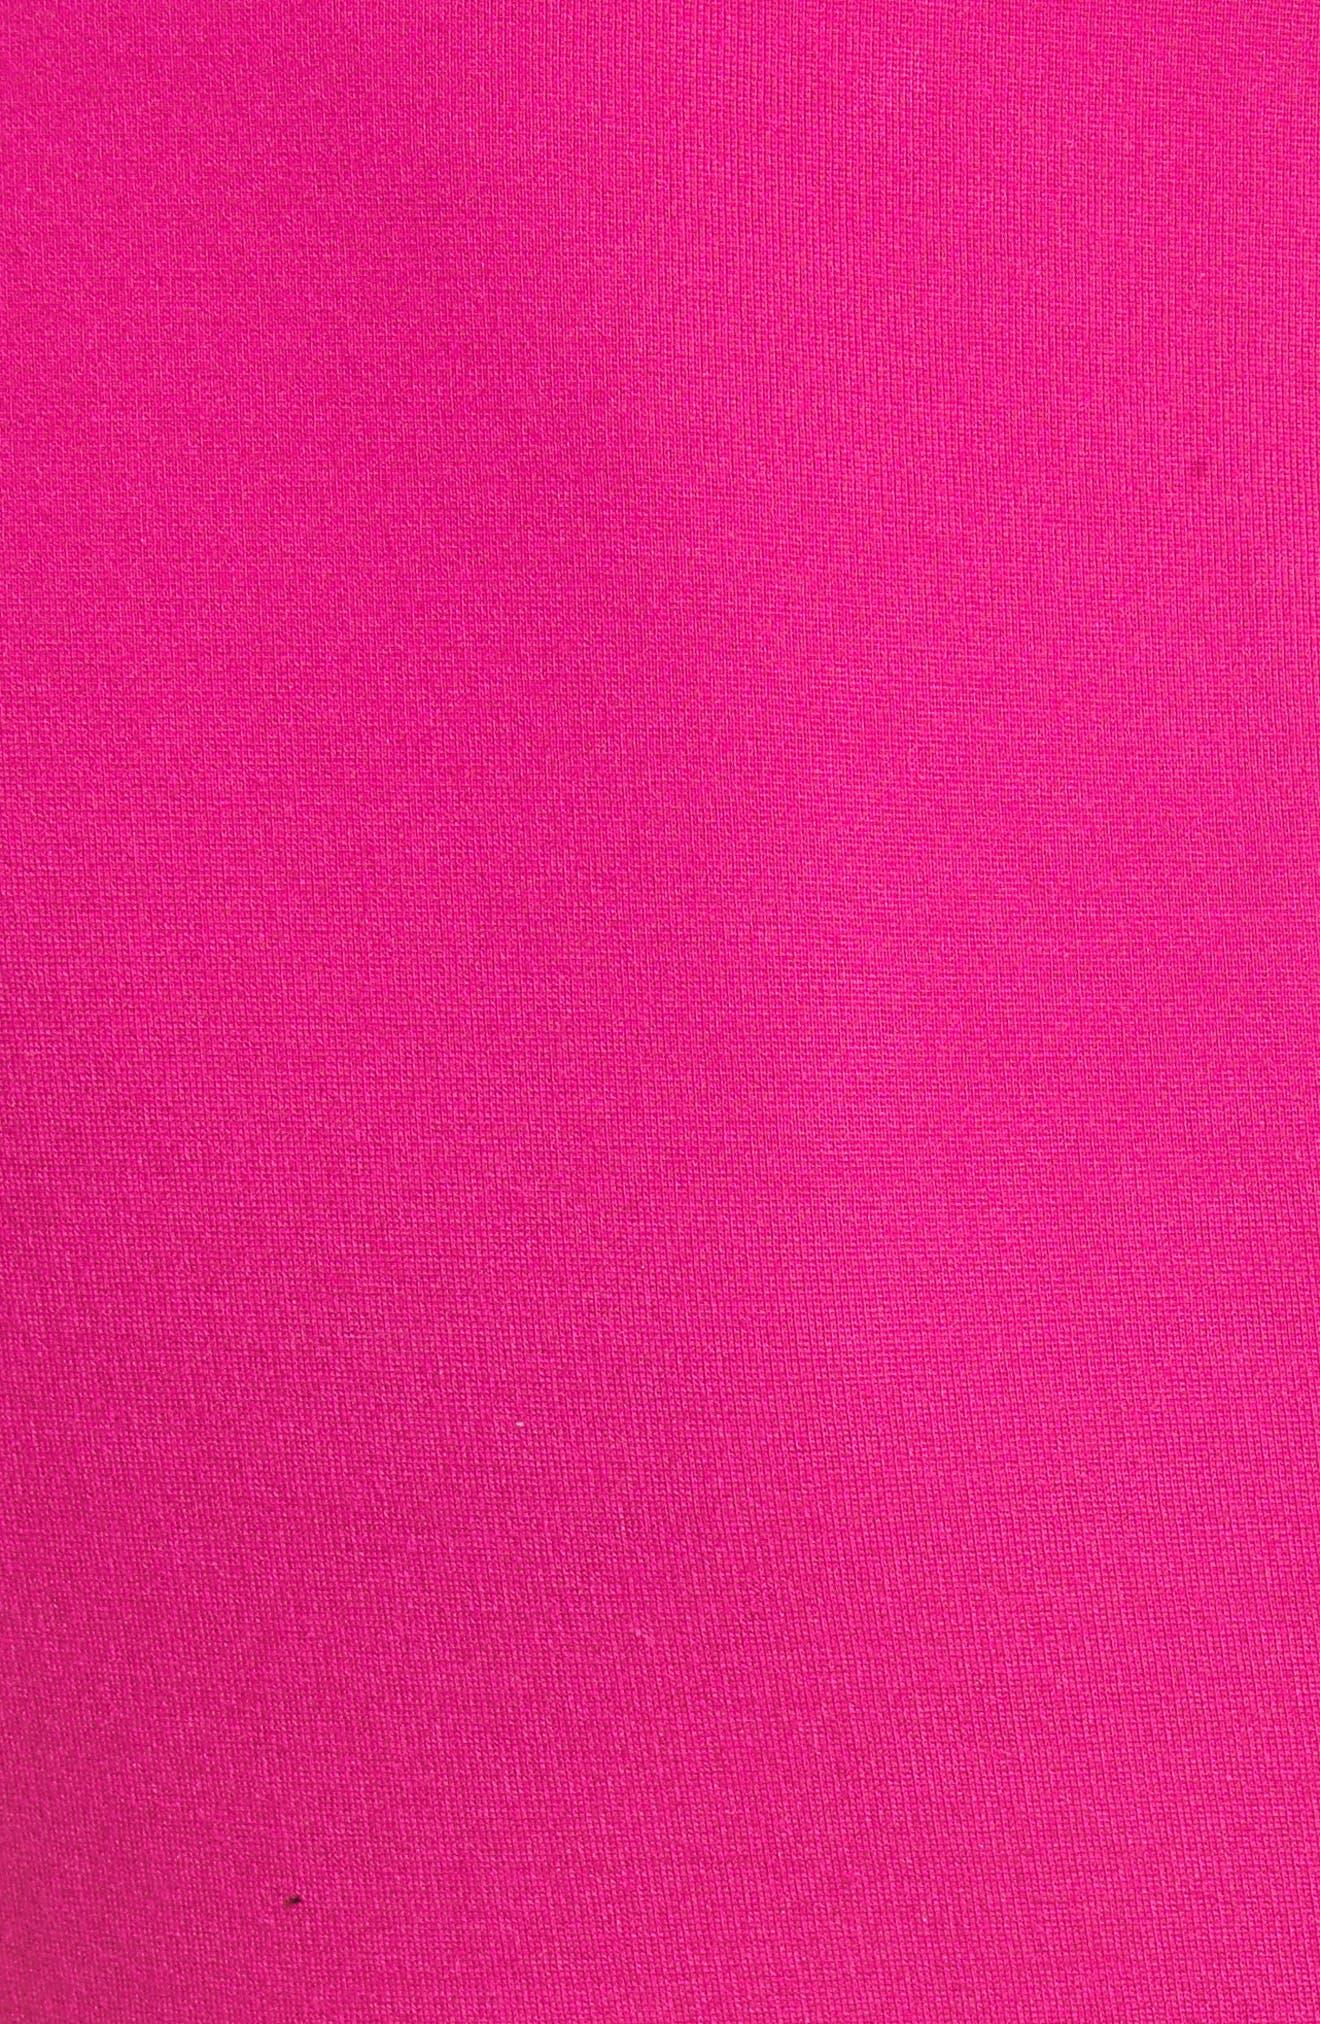 Verita Cutout Yoke Sheath Dress,                             Alternate thumbnail 15, color,